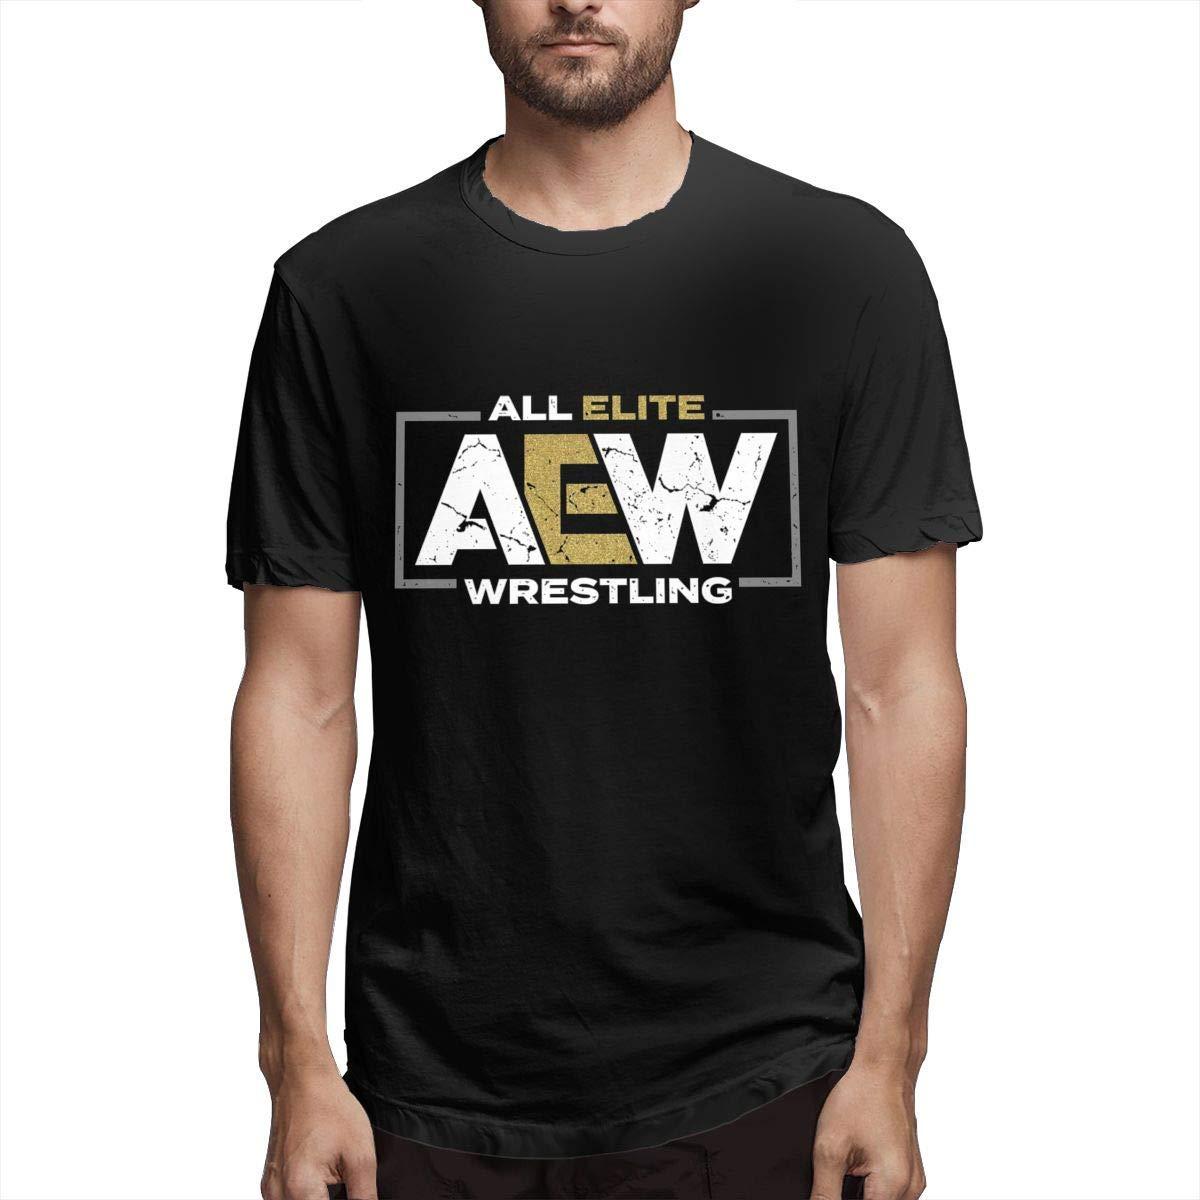 test ツイッターメディア - なんだAEWのグッズって、並行とはいえアマゾンで買えるんだ。(考えりゃなんの不思議もないが買えないと思ってた)https://t.co/i6QZ26ydIR AEW All Elite Wrestling  パーカー スウェットシャツ トレーナー  #AEW #AllEliteWrestling #プロレス #ケニーオメガ https://t.co/aHKYIR57Zo